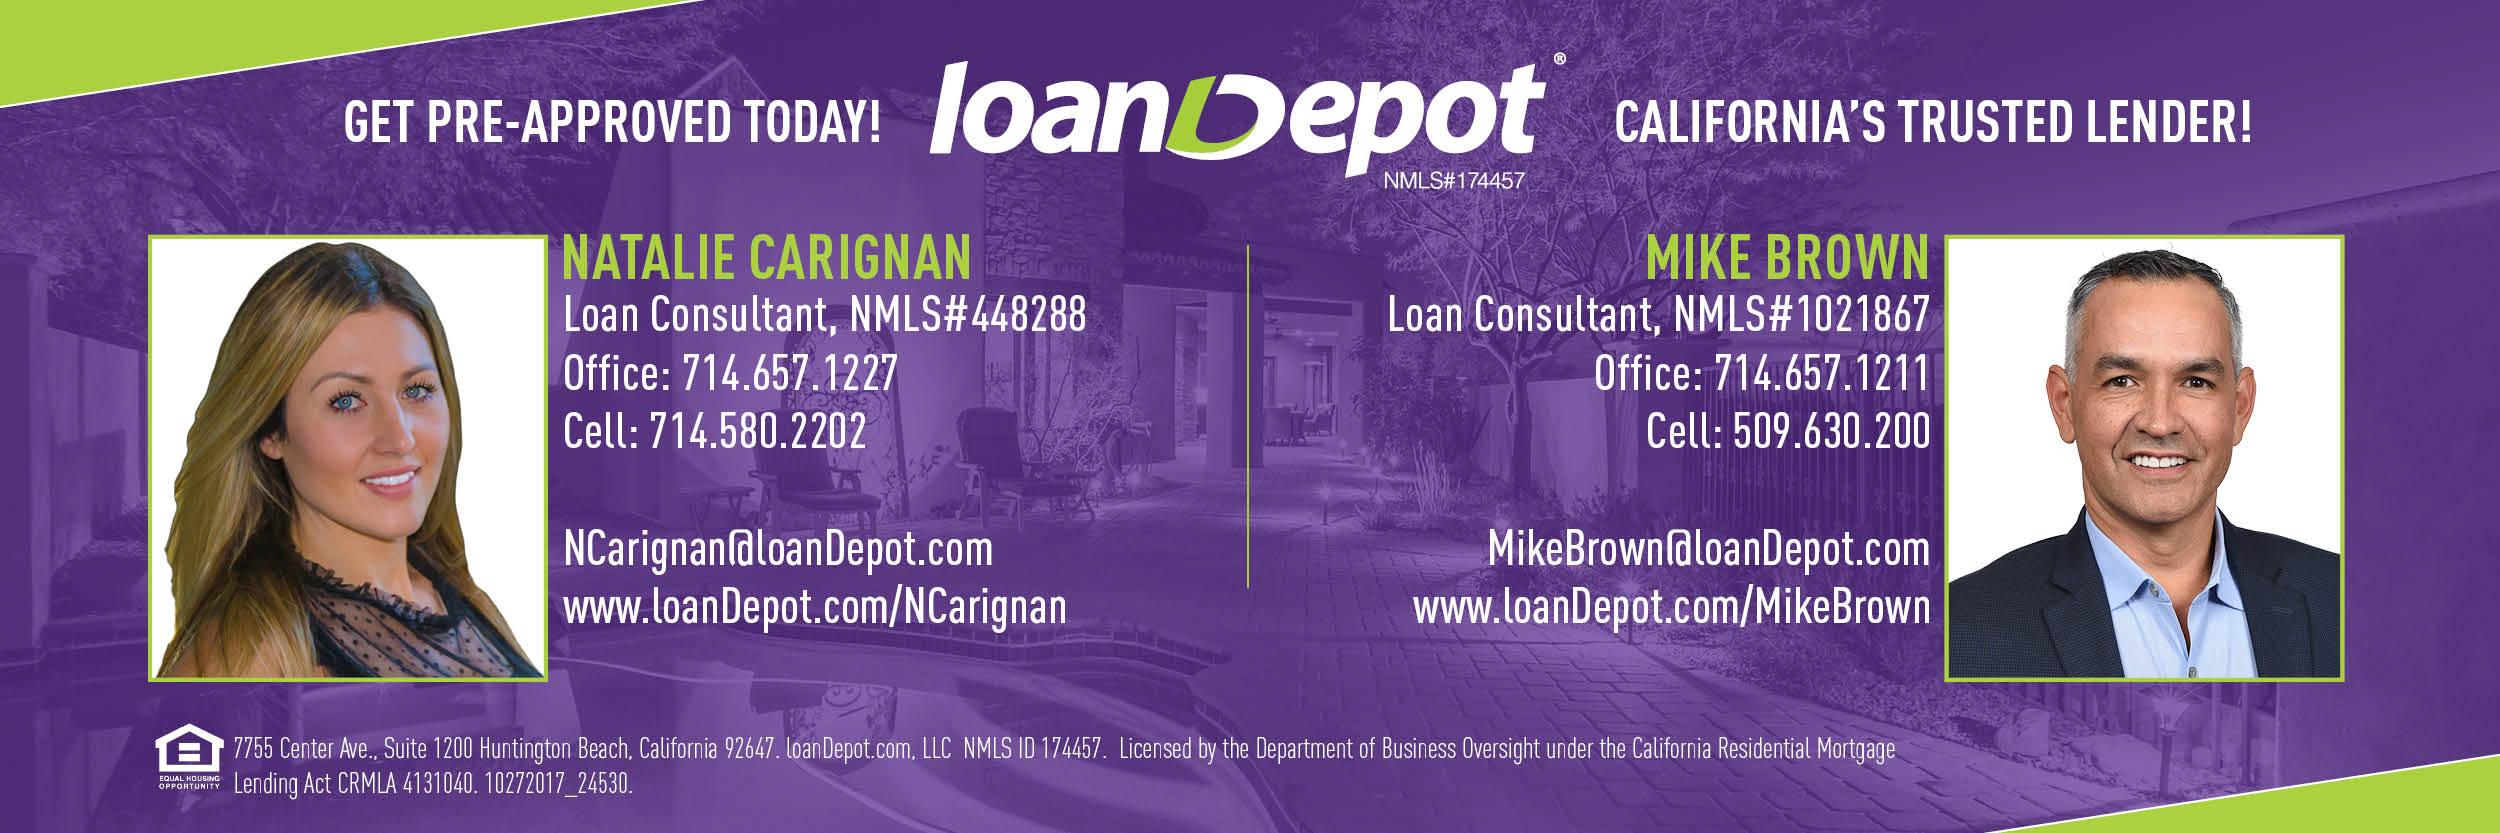 Loan Depot Contact info